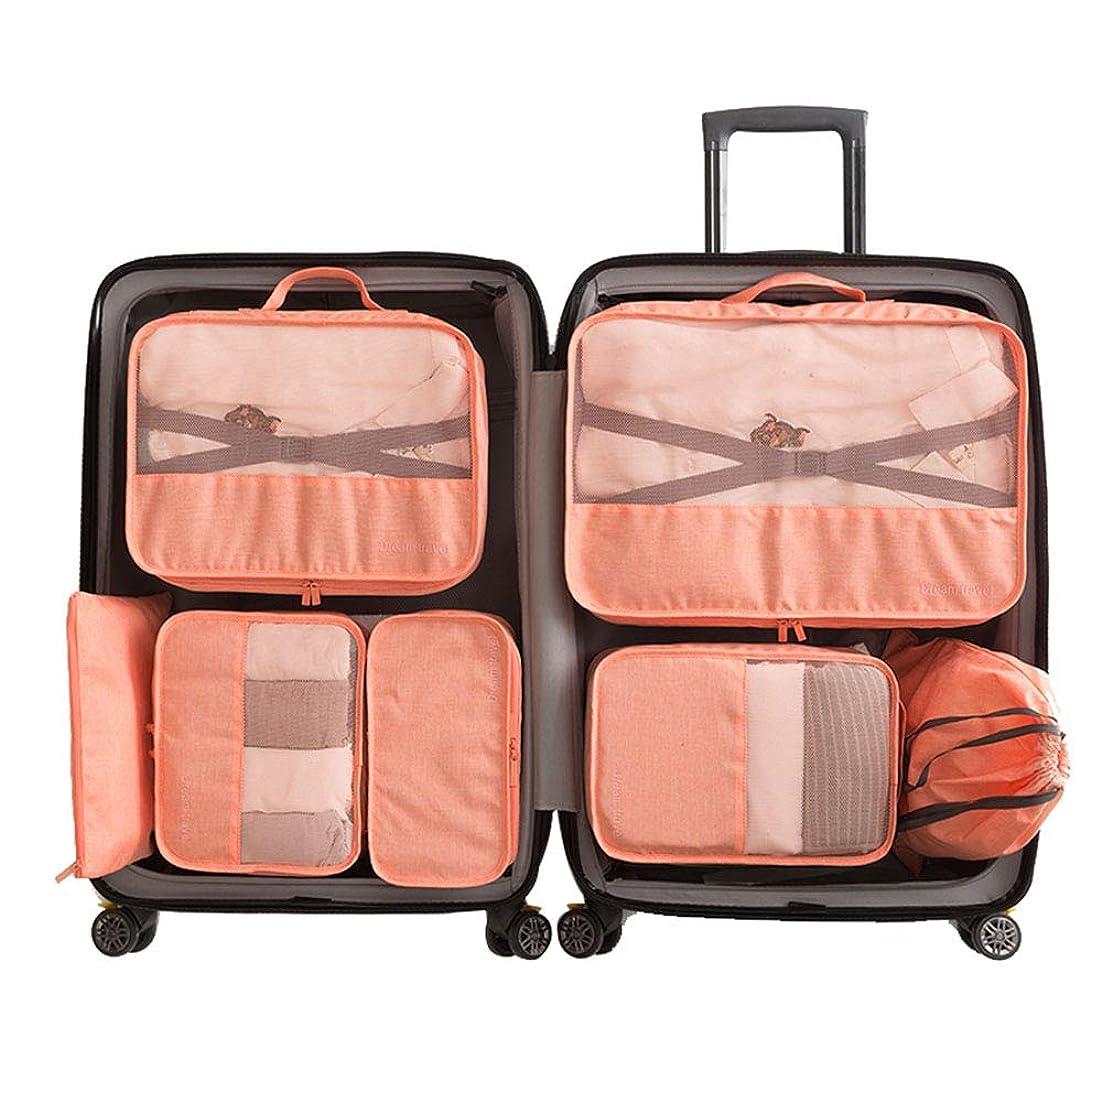 クランプ途方もない写真クロース(Kroeus)トラベルポーチ7点セット 旅行用品 アレンジケース 撥水仕上げ 軽量 靴袋 収納ポーチ 衣類 出張用